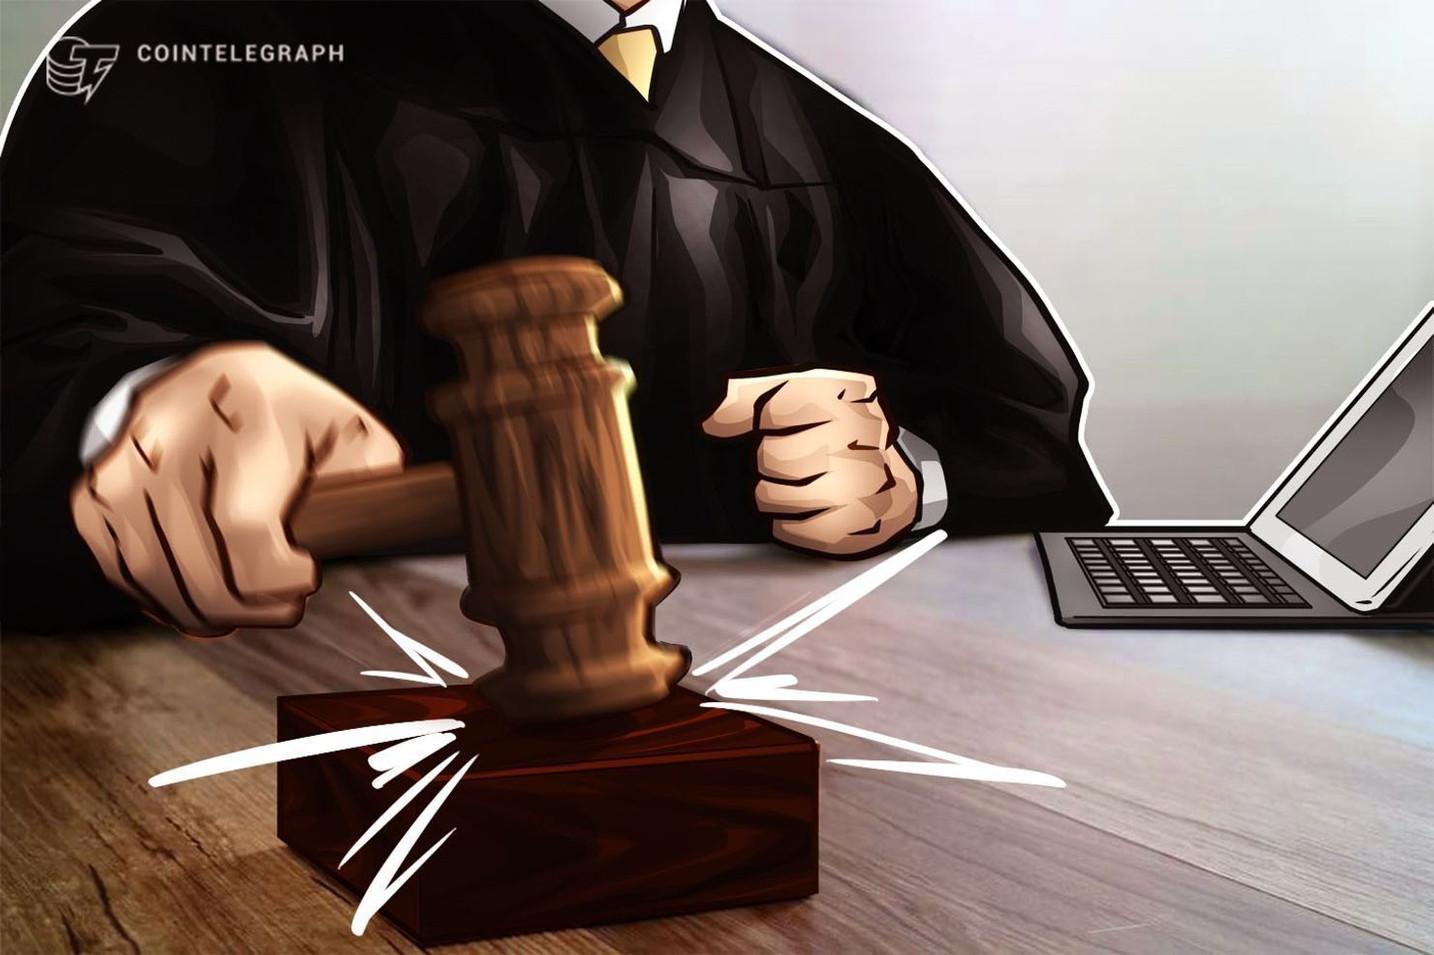 逮捕されたイーサリアムの研究者が釈放へ、担当弁護士が明らかに【ニュース】